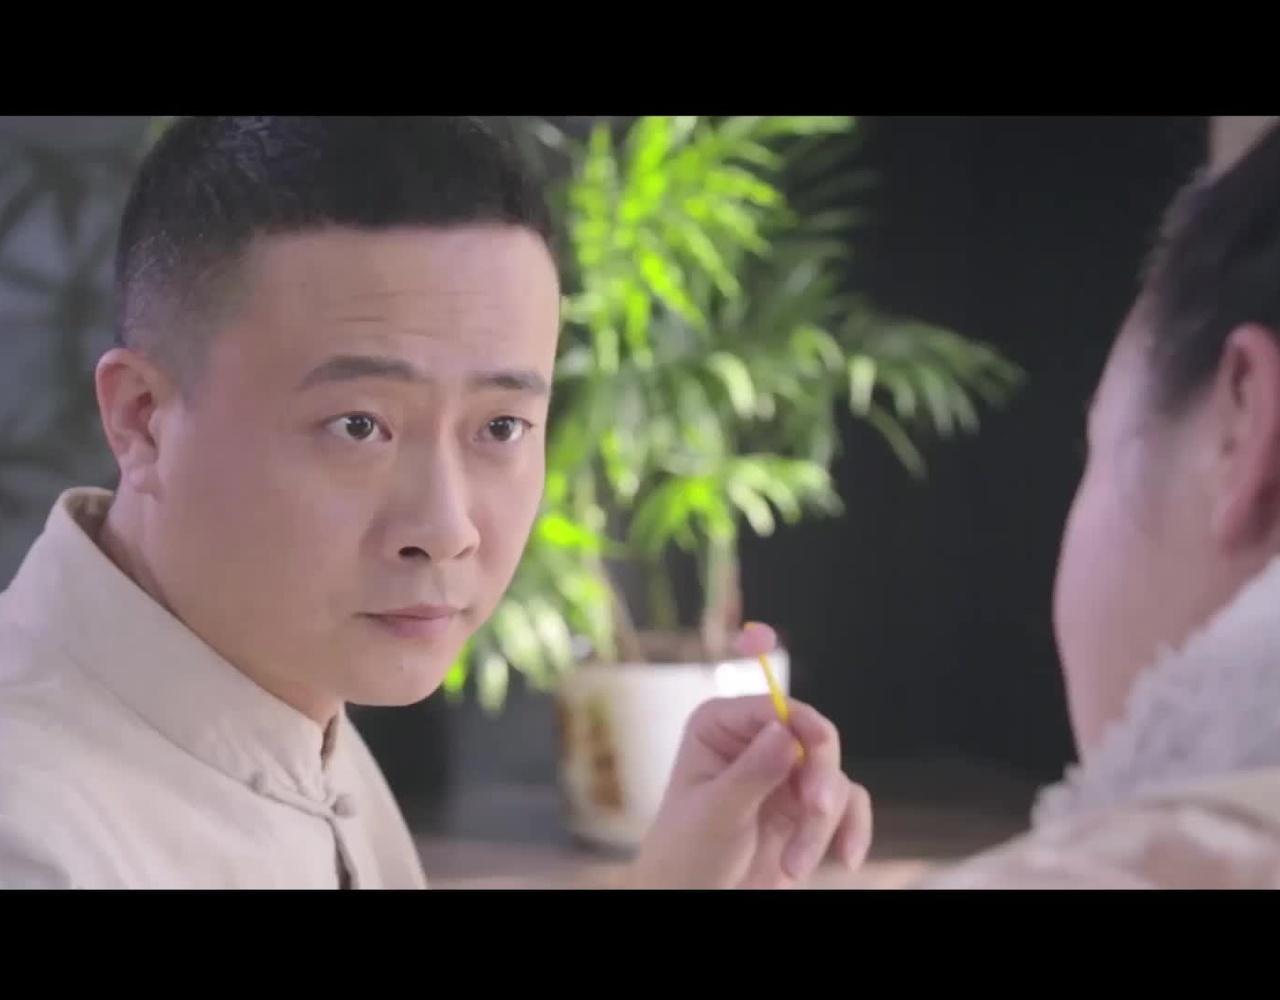 不用#宋哲前妻发声#老司机来告诉你【绿茶婊的三个级别,分析的太透彻了...】